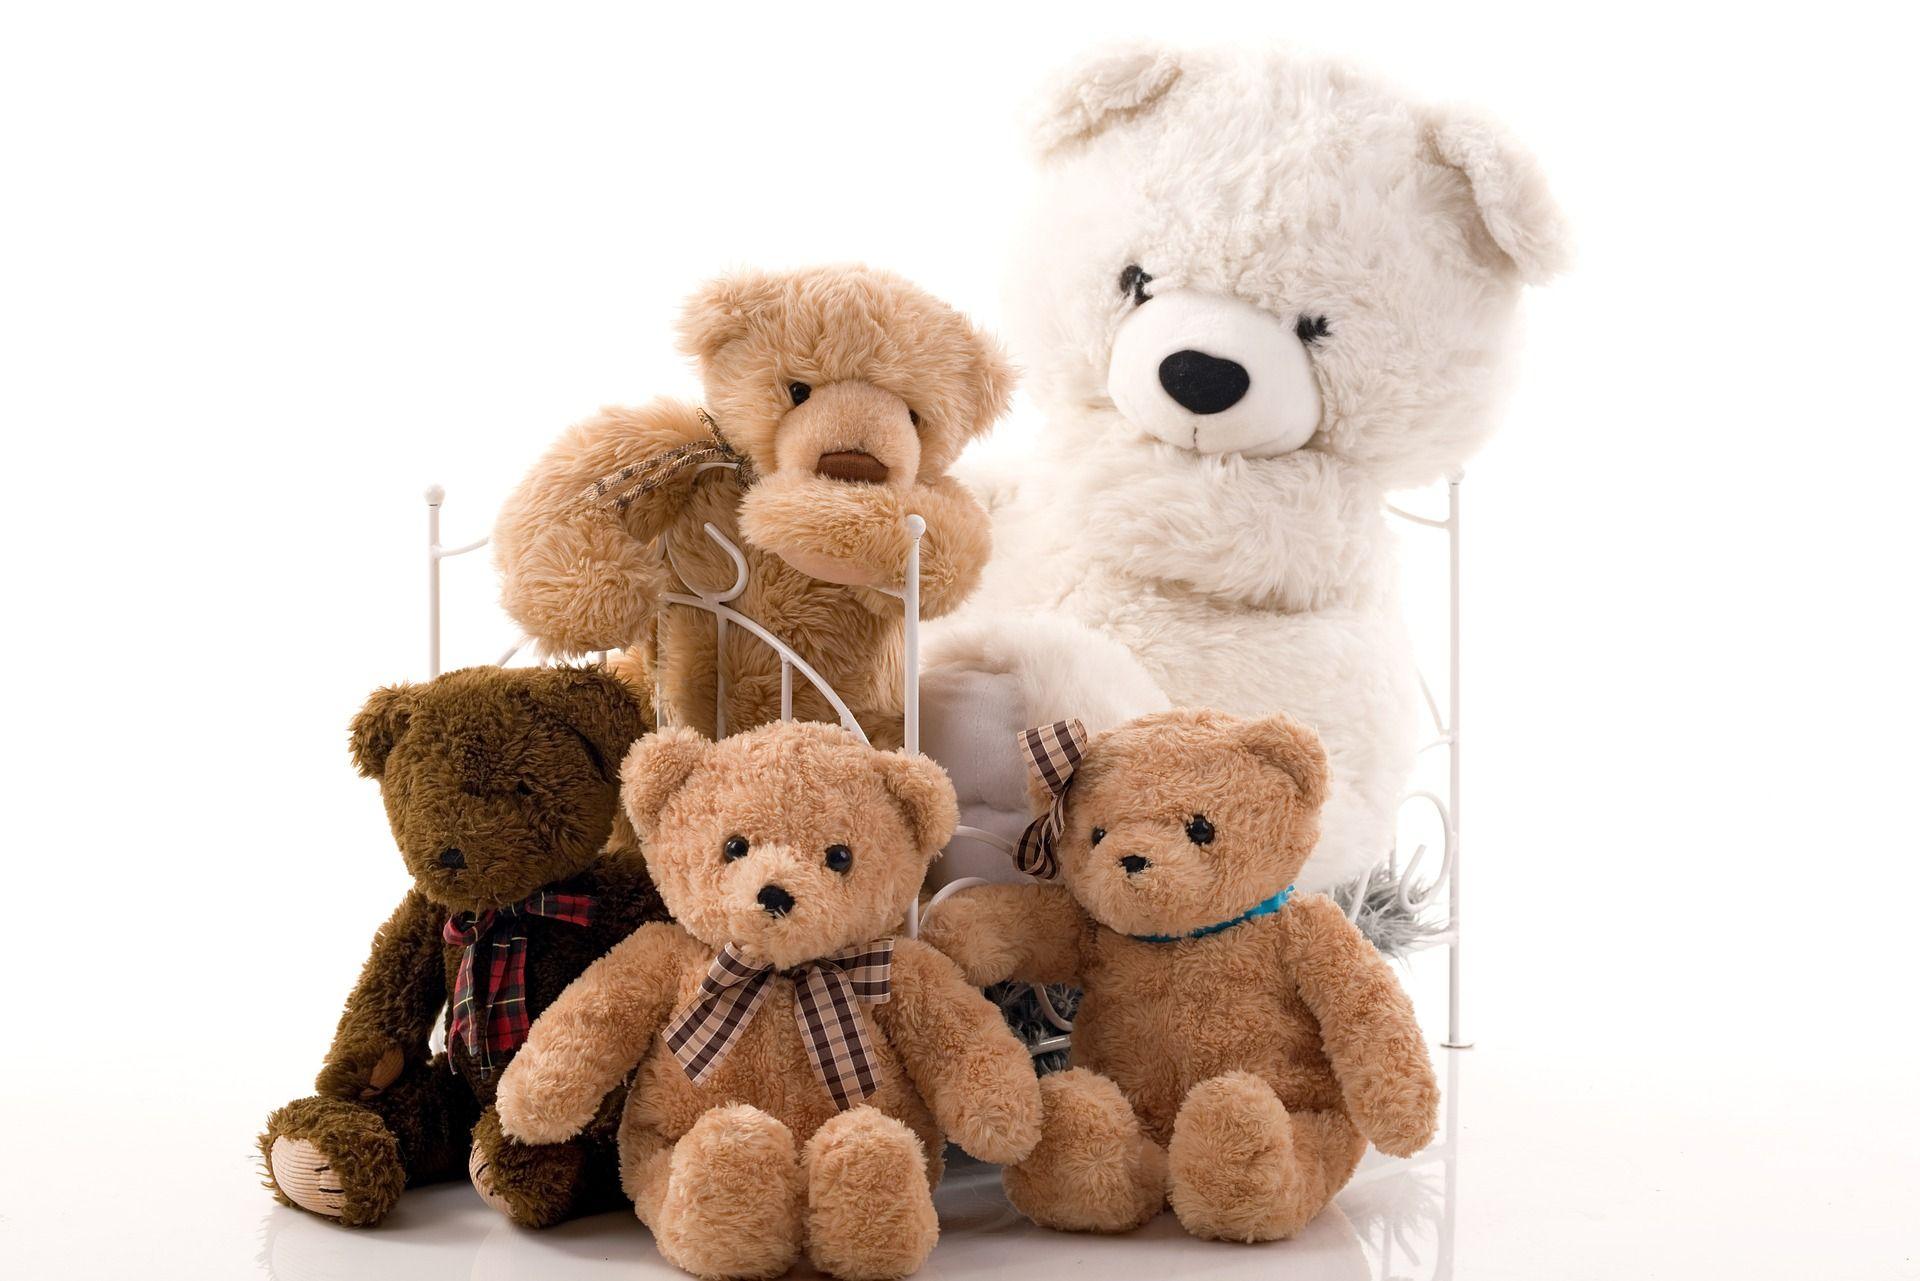 Najveći američki lanac trgovina igračkama Toys 'R' Us u stečaju